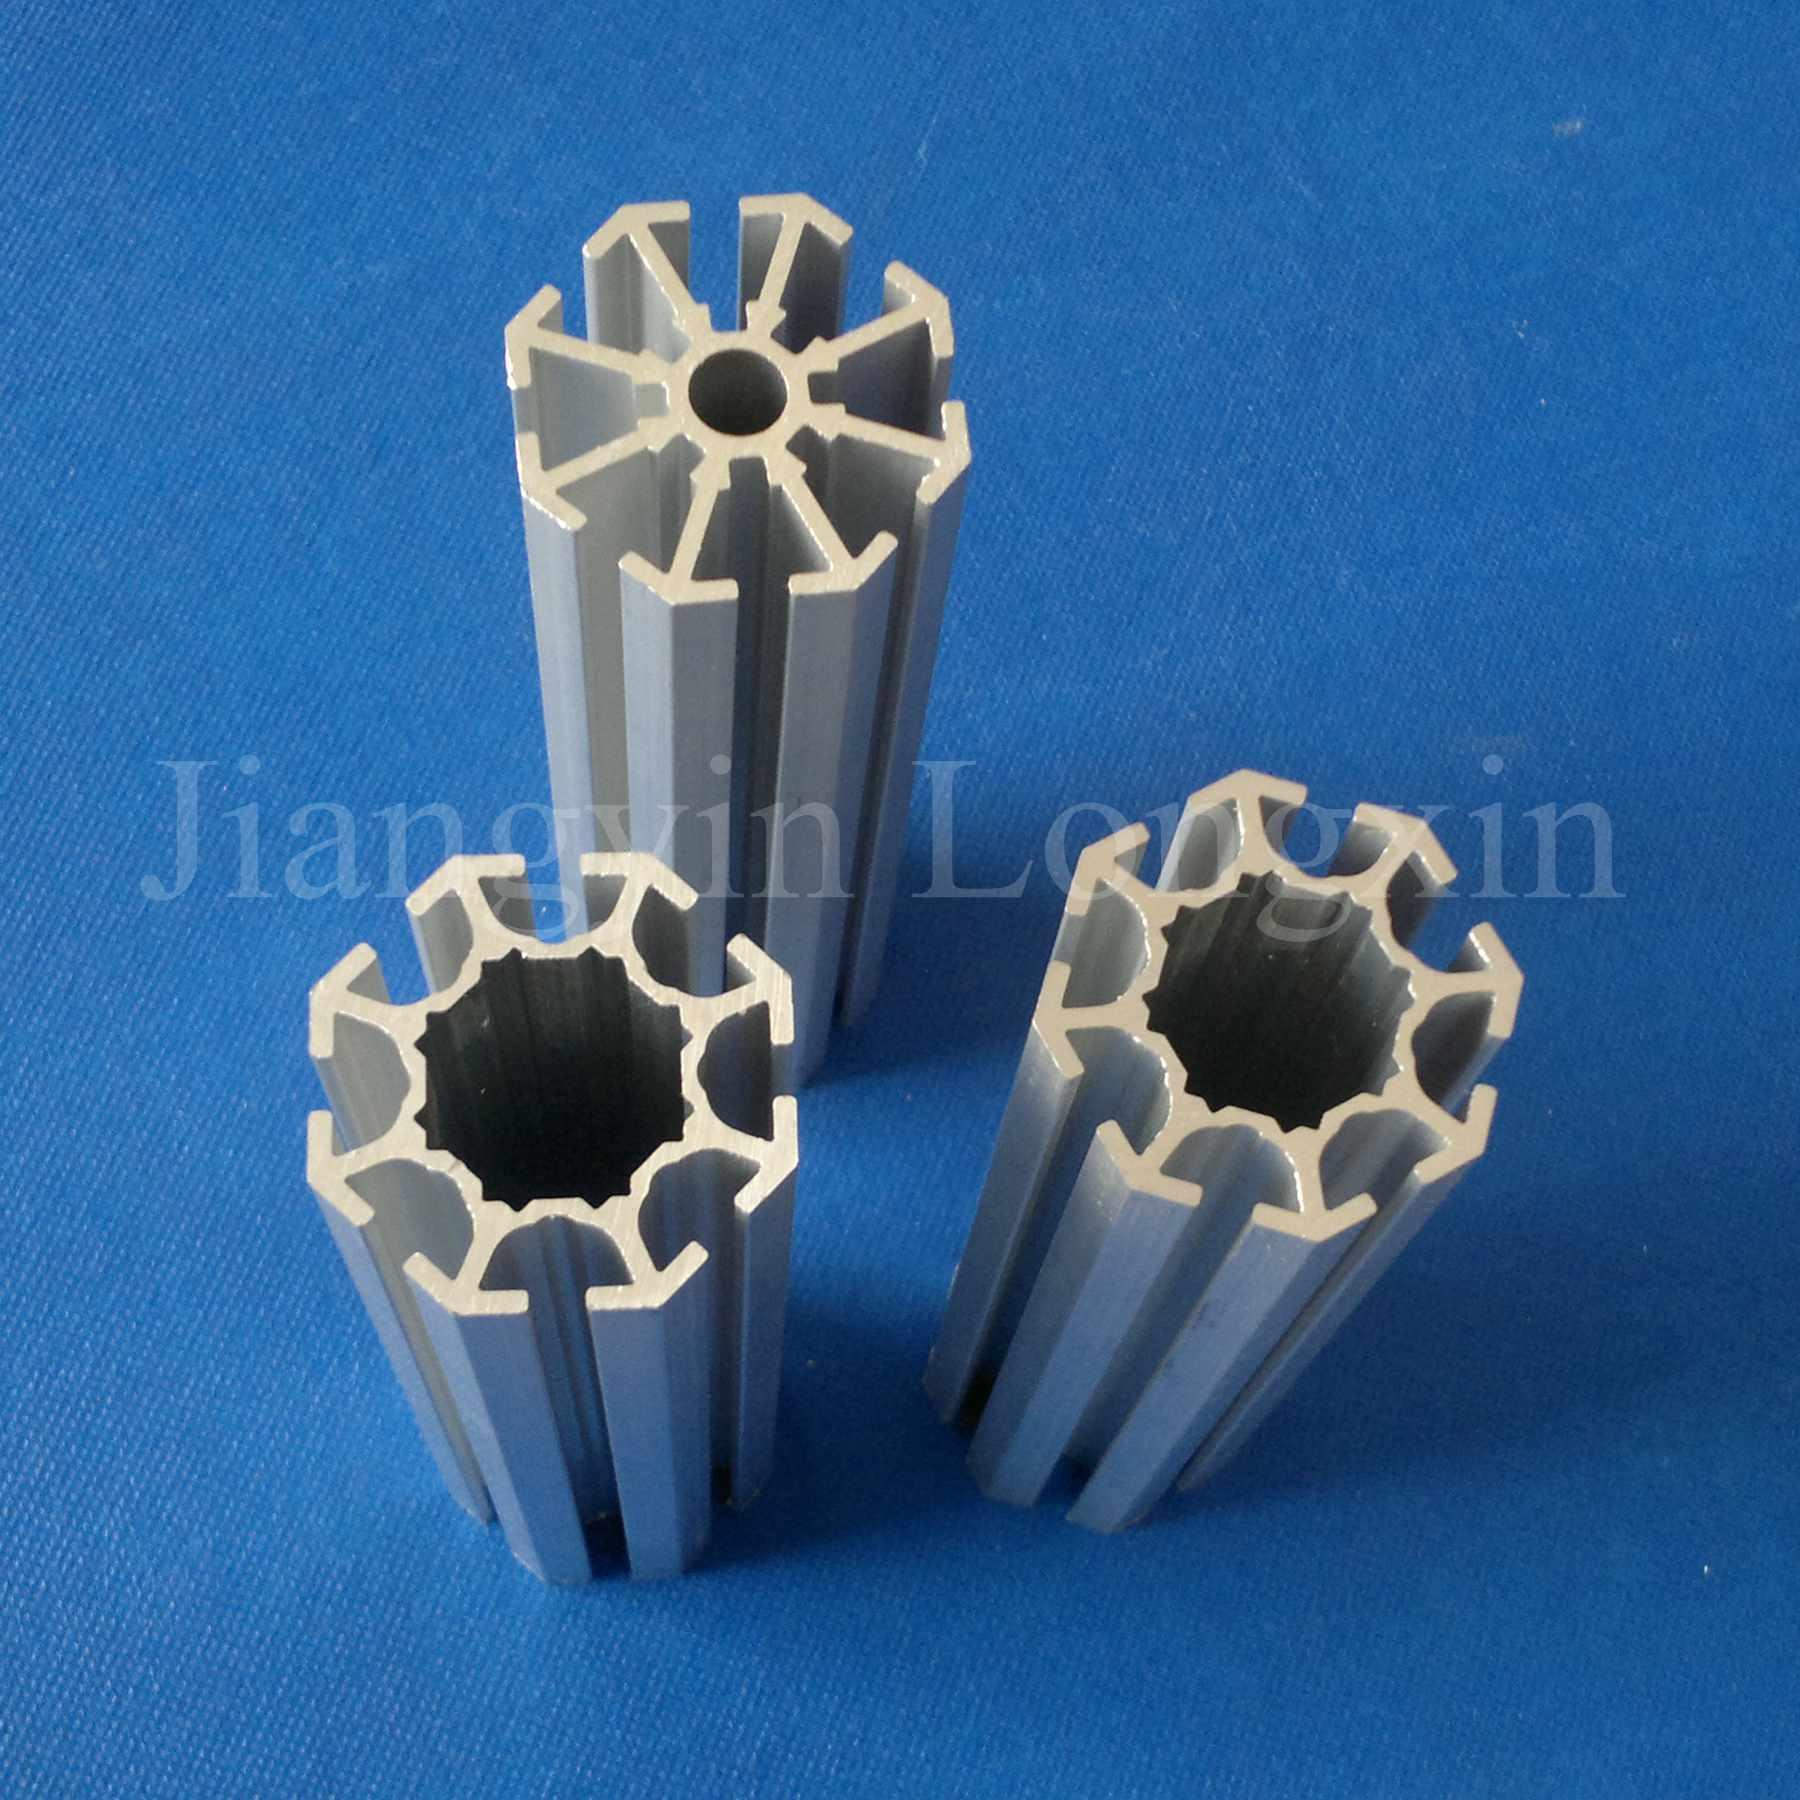 Anodized Aluminum/Aluminium Profile for Exhibition